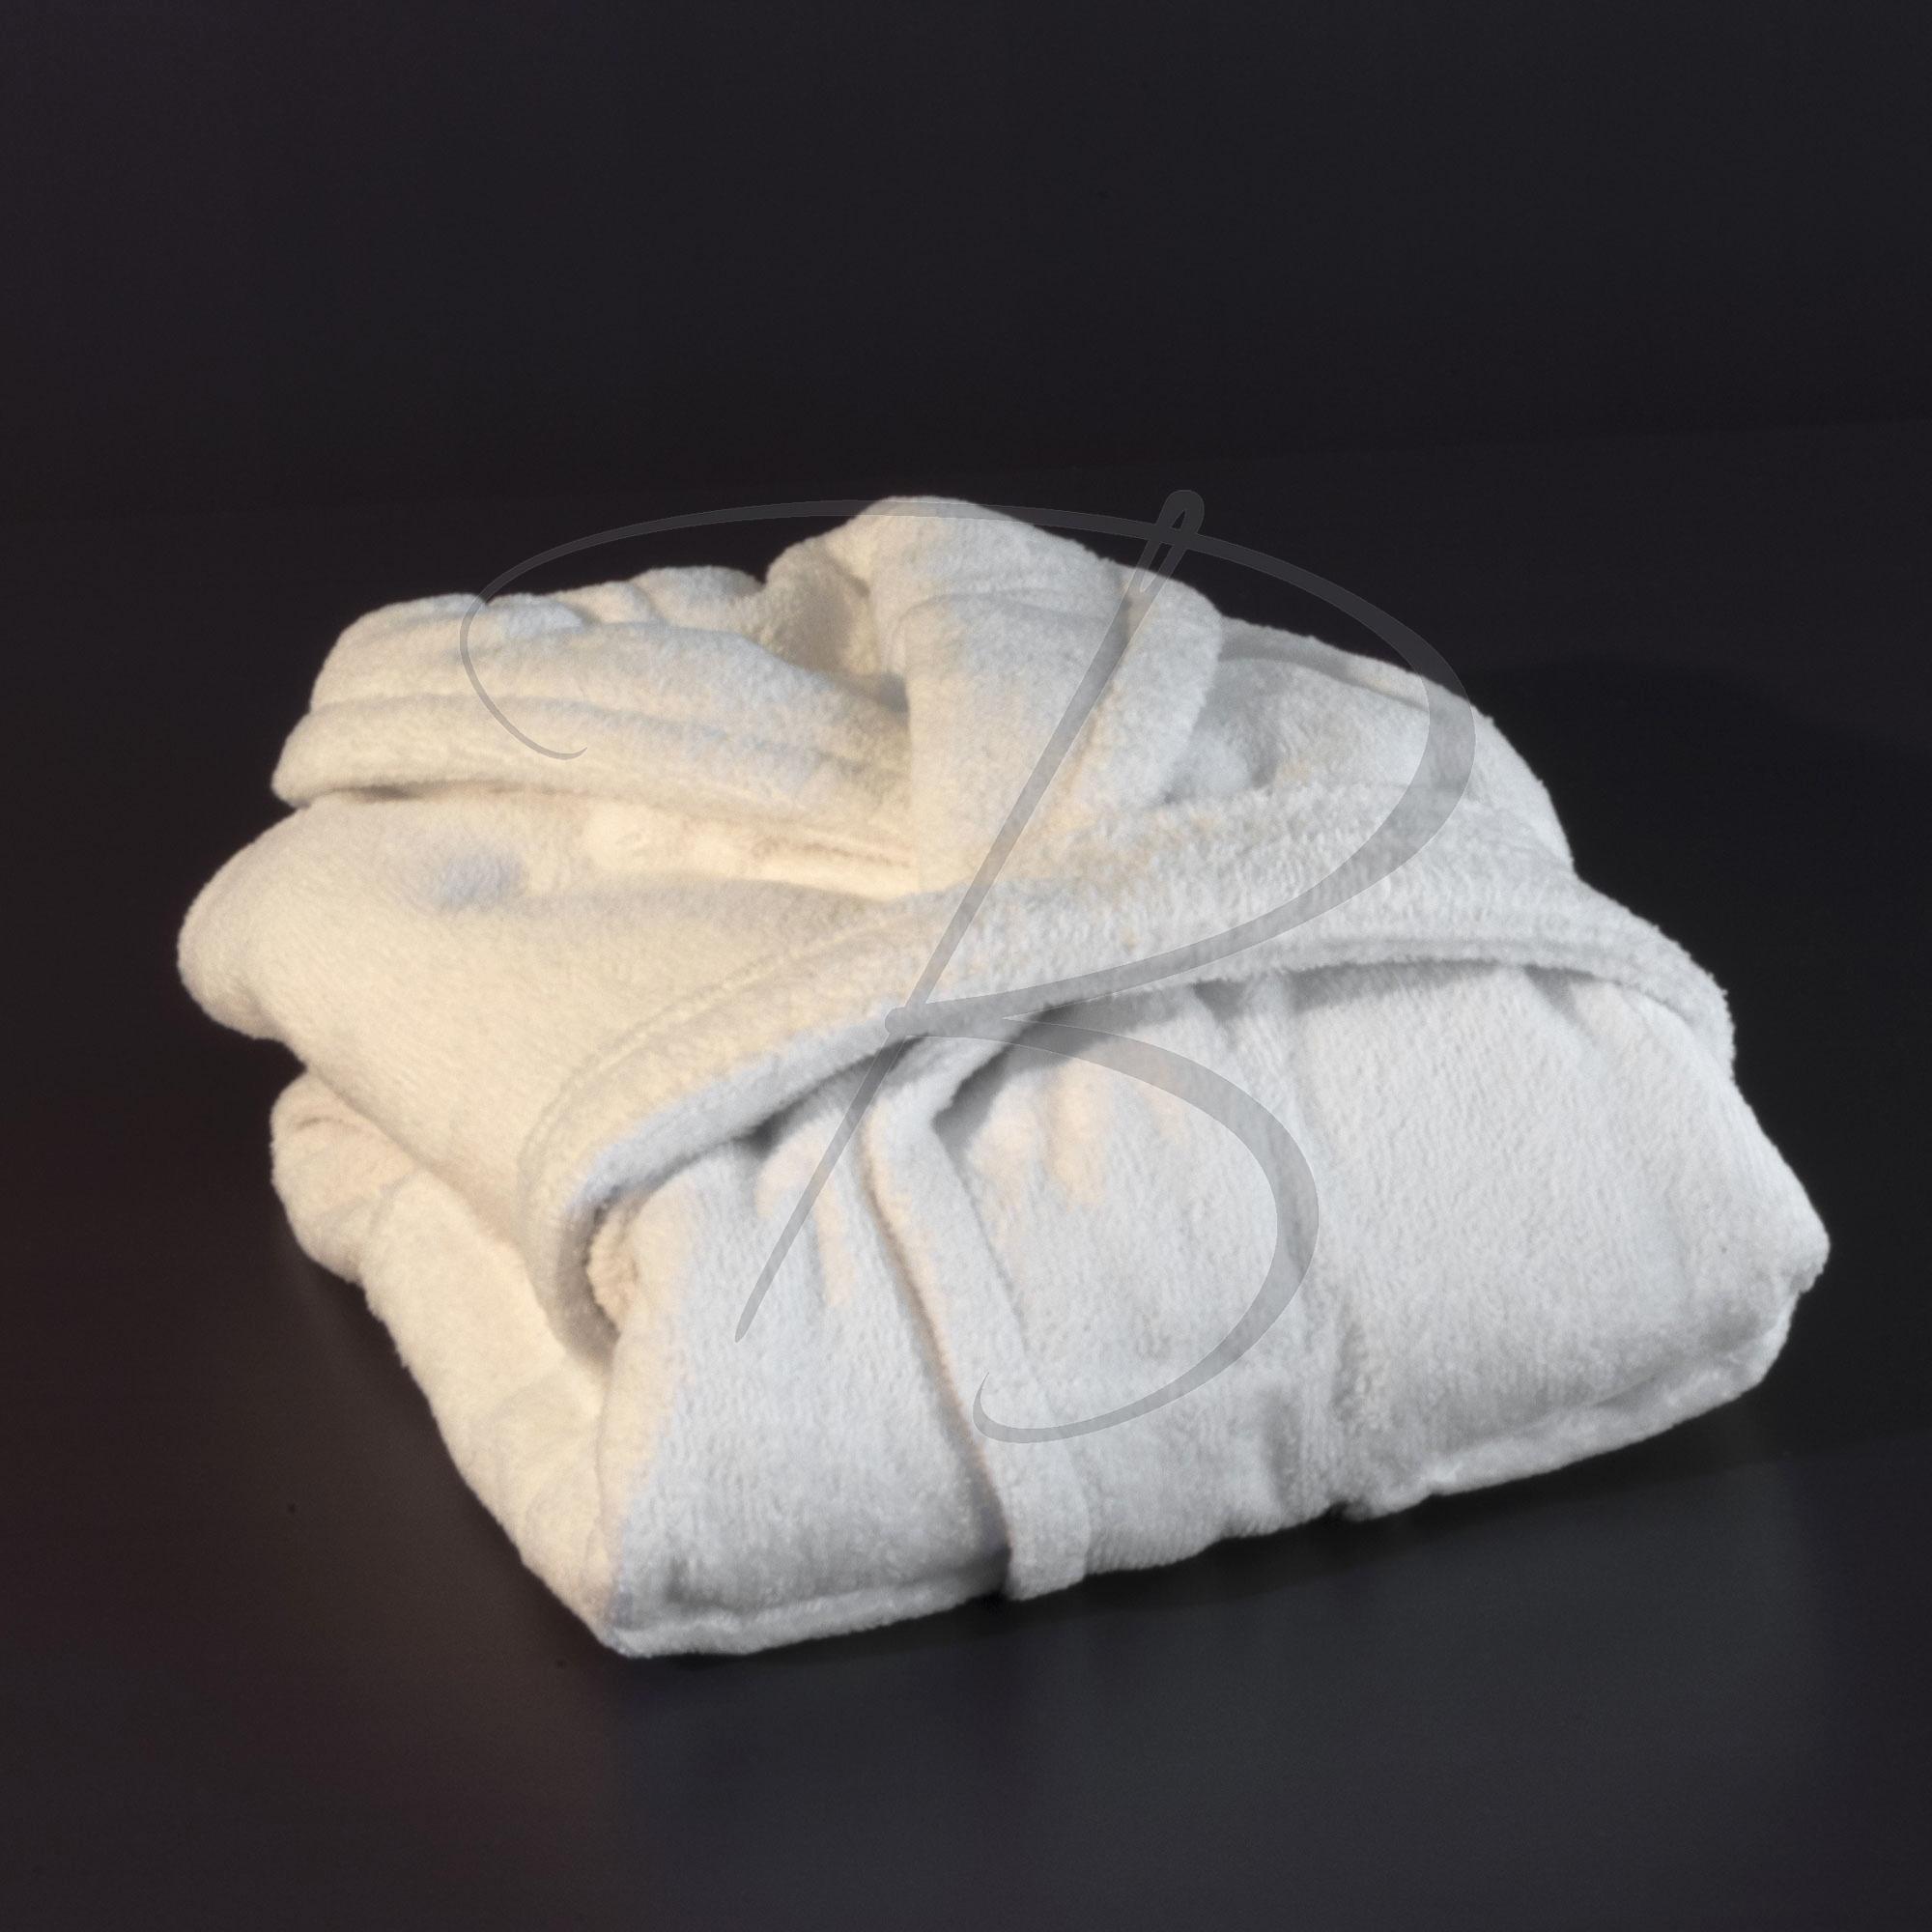 linge-bain-boreal-enfant-coton